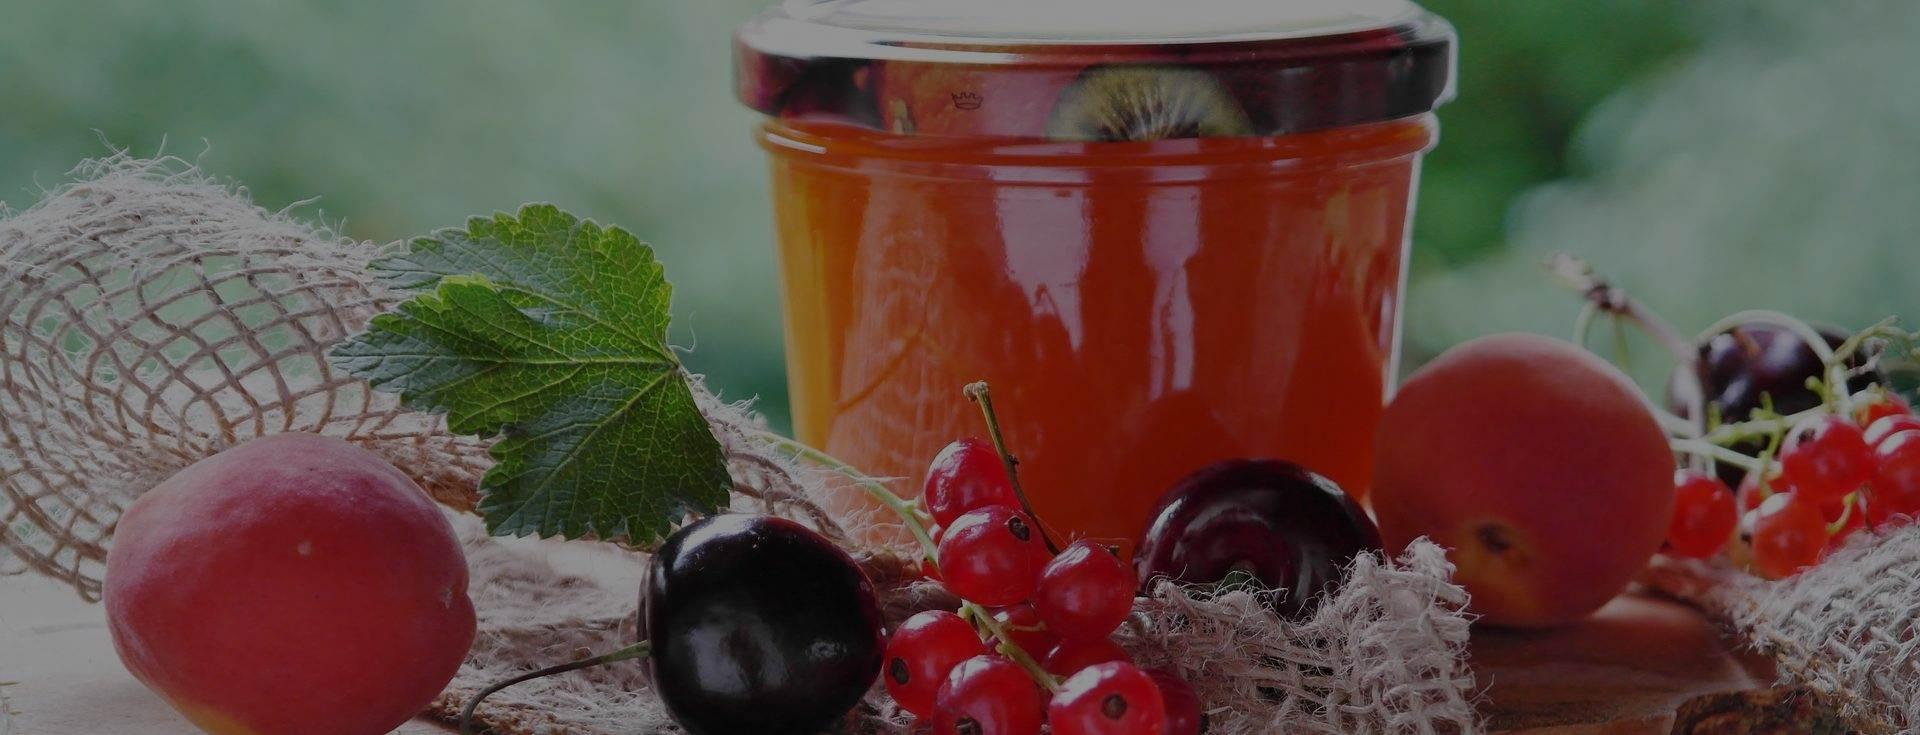 geleia_fruits